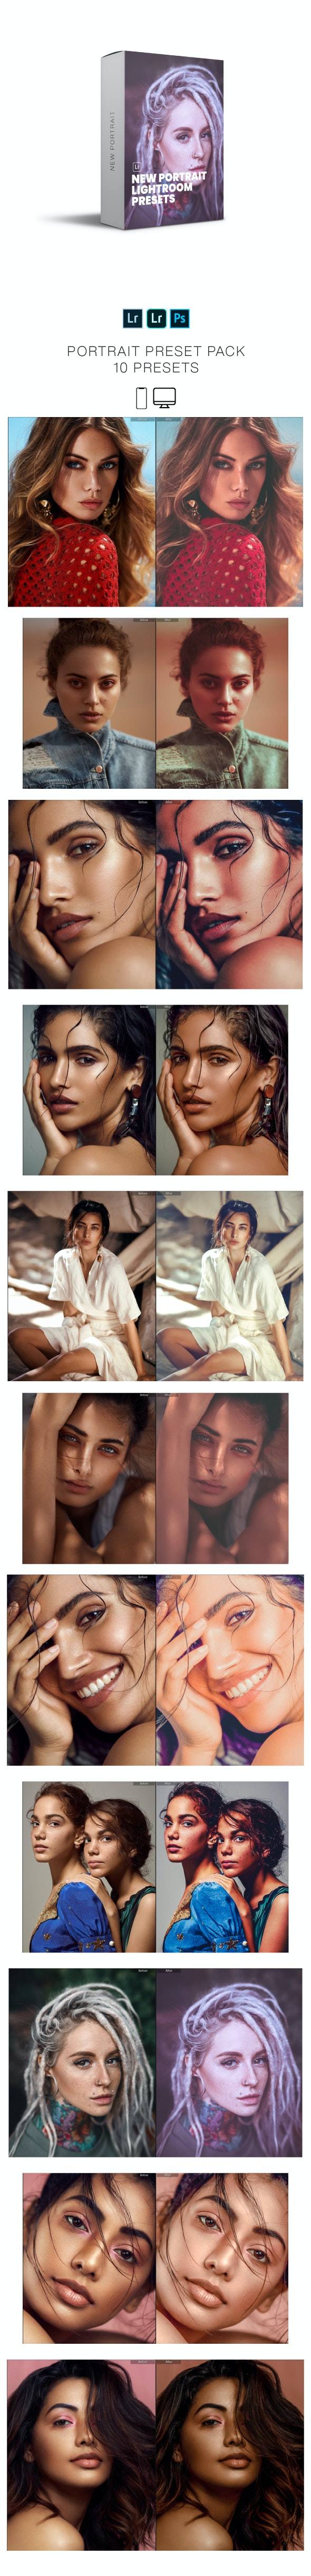 New Portrait Lightroom Presets Pack - Portrait Lightroom Presets